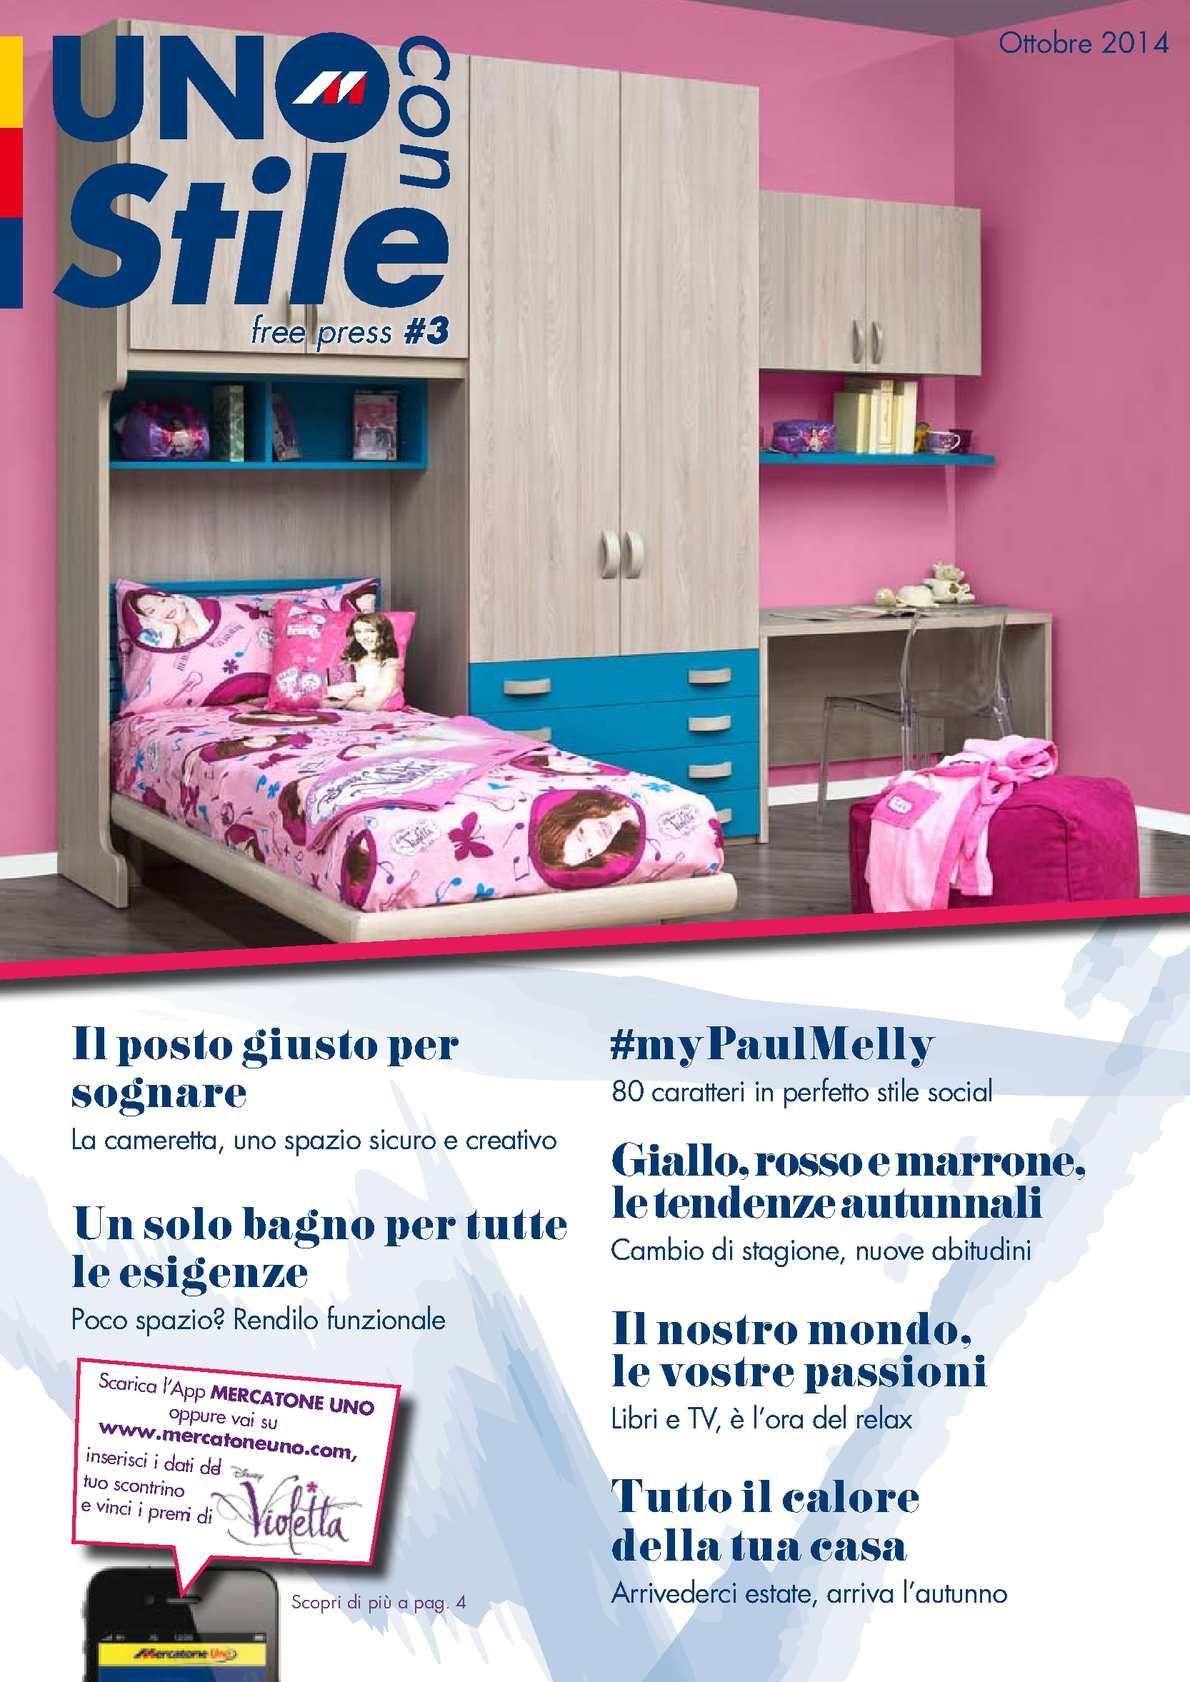 calaméo - magazine mercatone uno ottobre - Soggiorno Globo Mercatone Uno